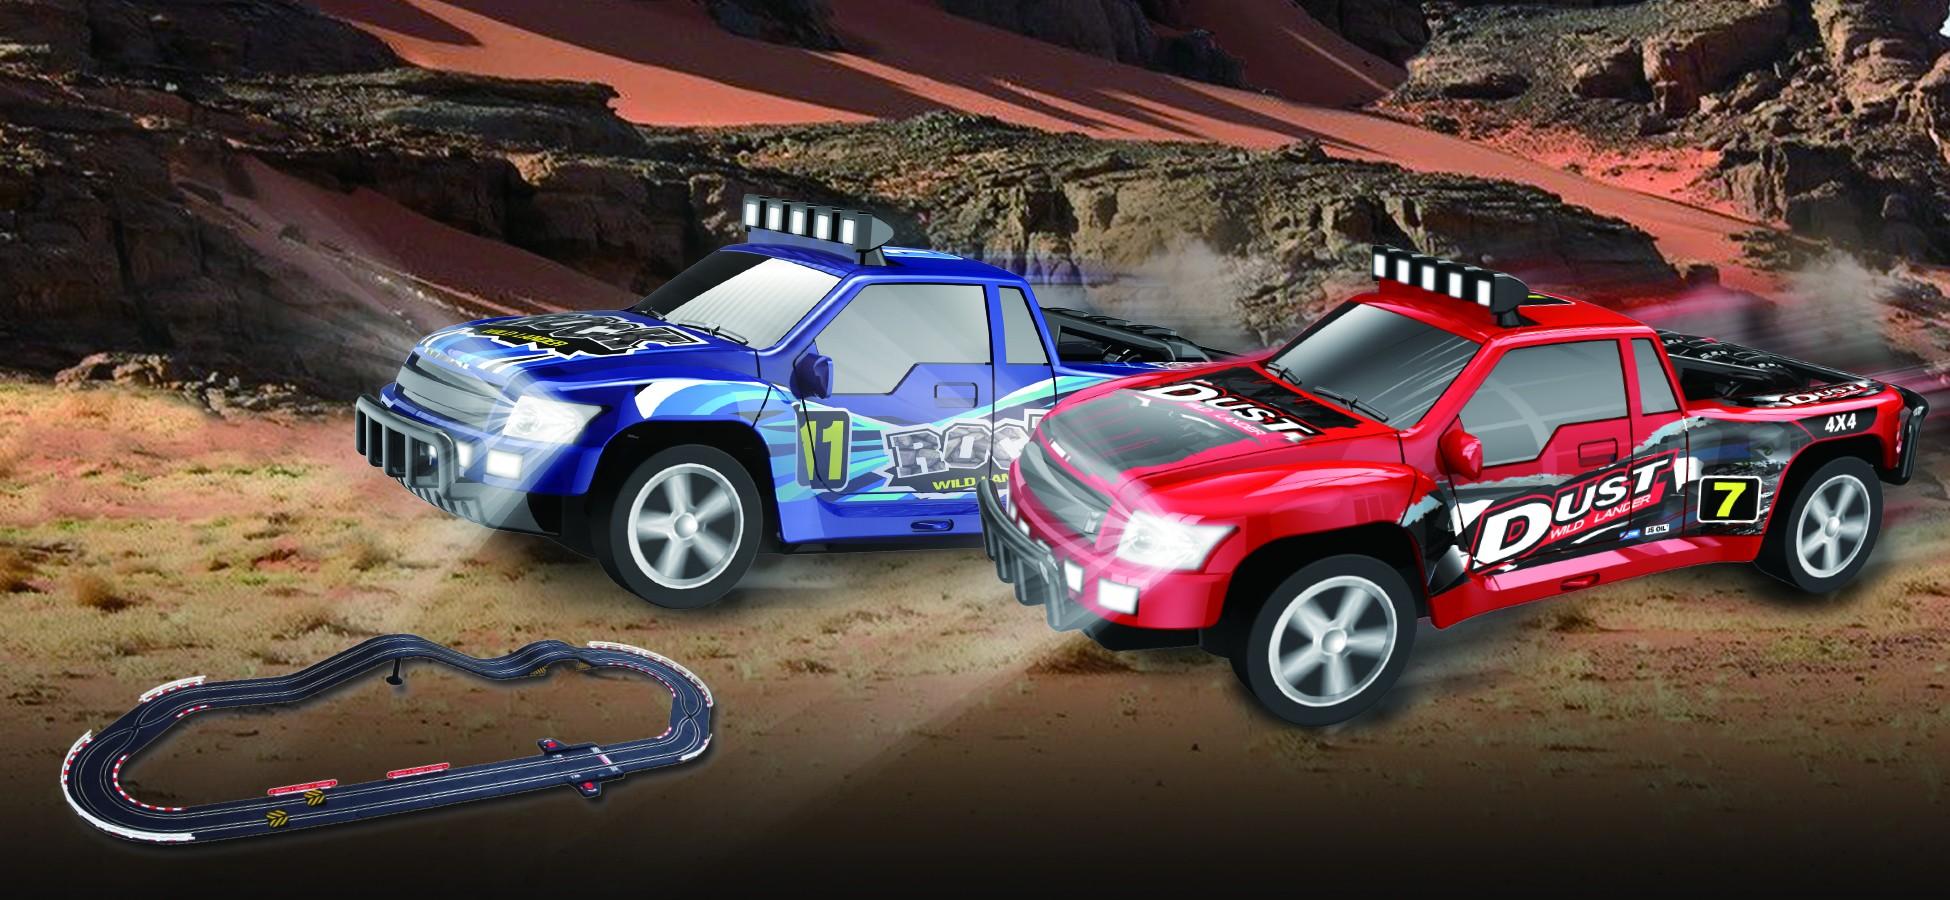 Slot Car - Pályaautók